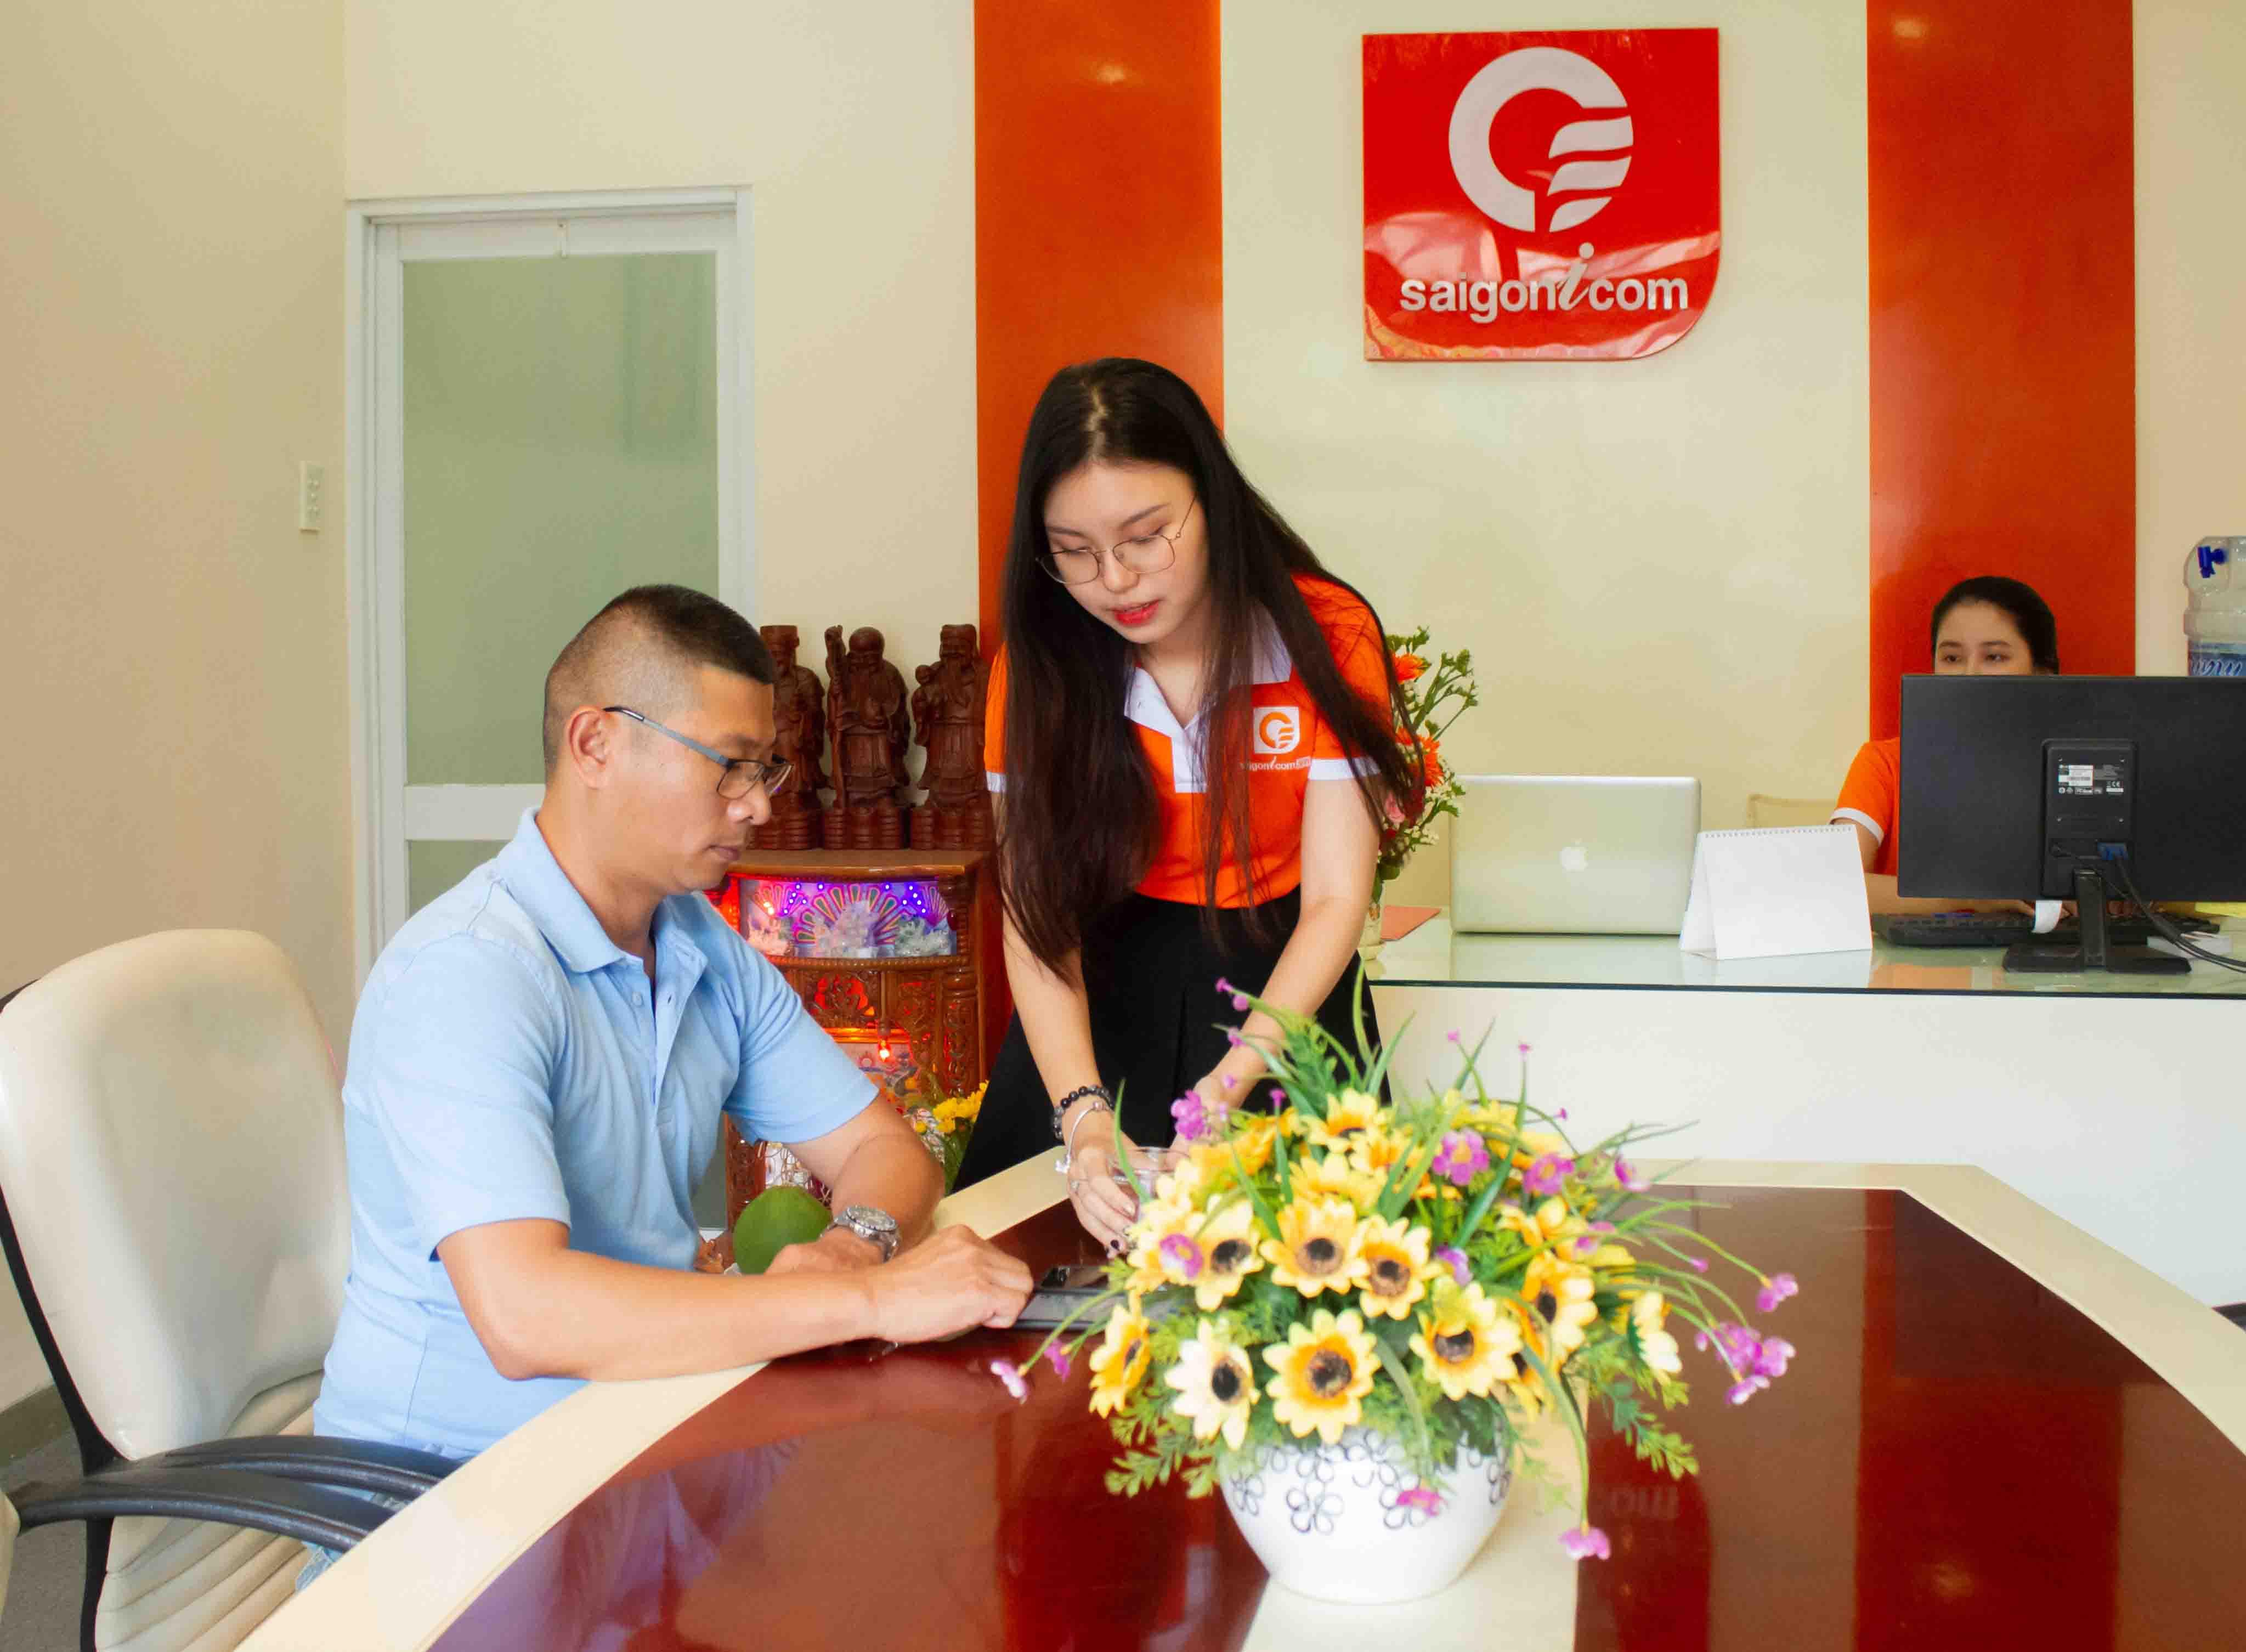 """SAIGONICOM: Doanh nghiệp tiên phong thực hiện """"một dịch vụ - đa tiện ích"""" tại TP.HCM  - Ảnh 3"""